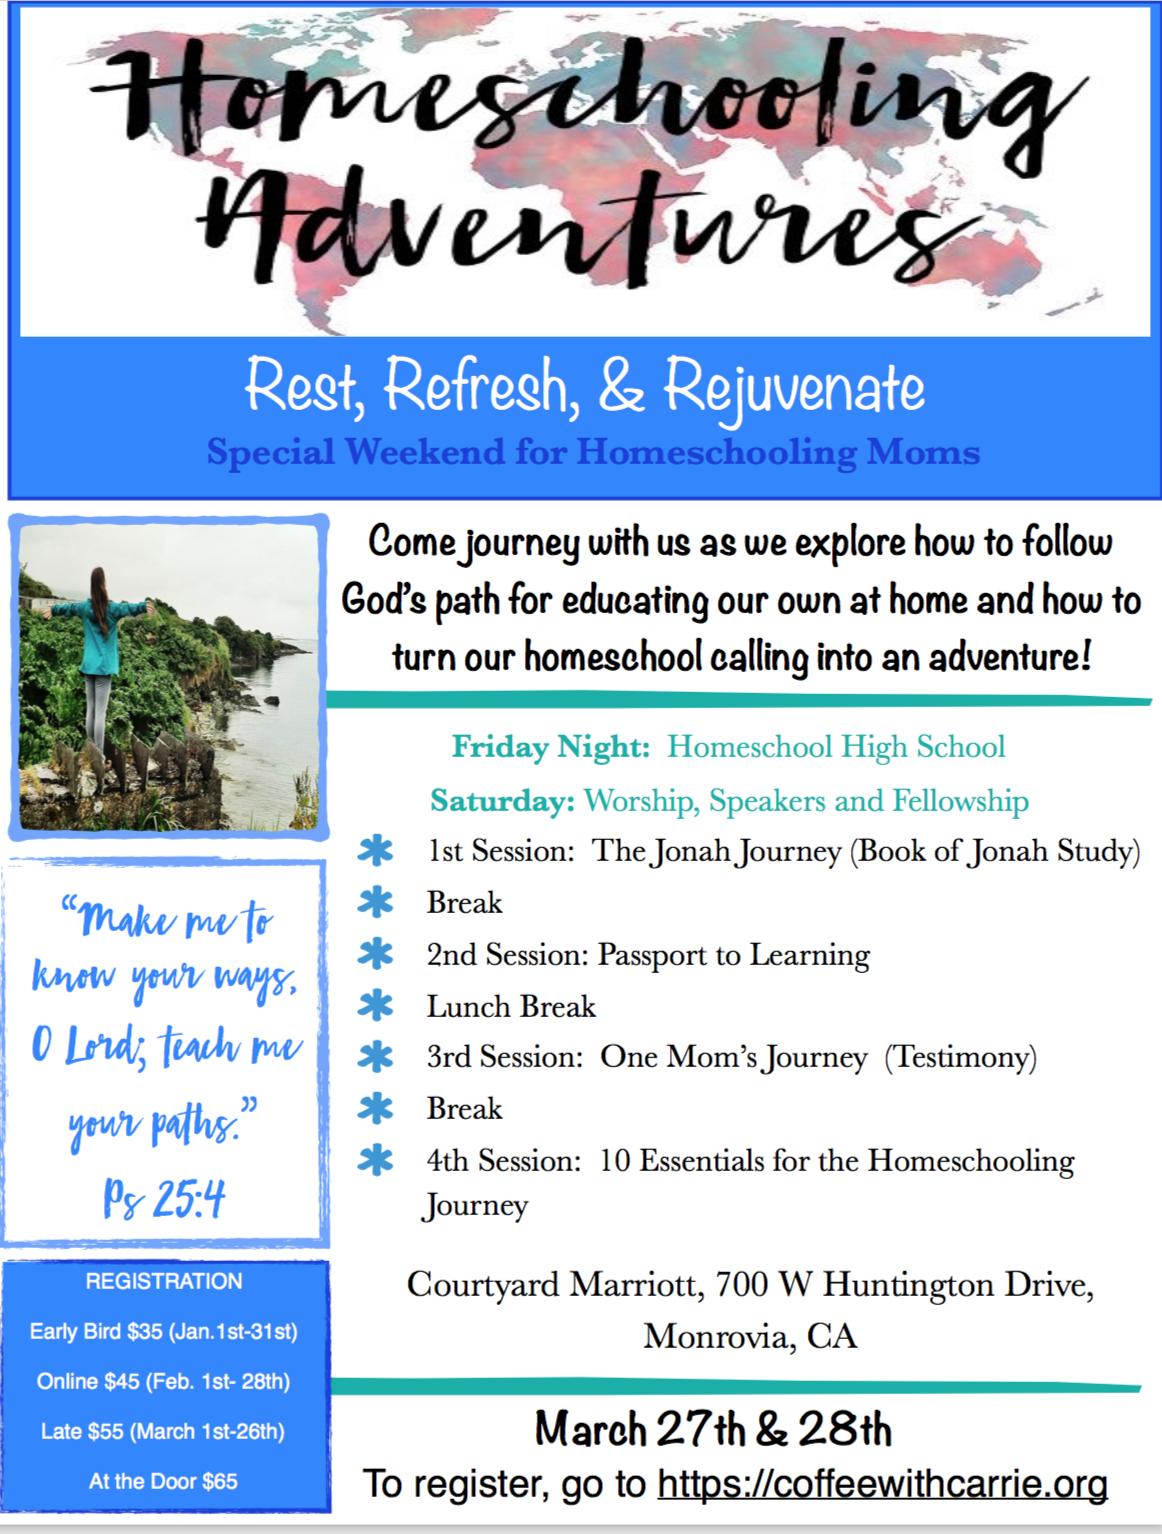 homeschool adventure new flyer image